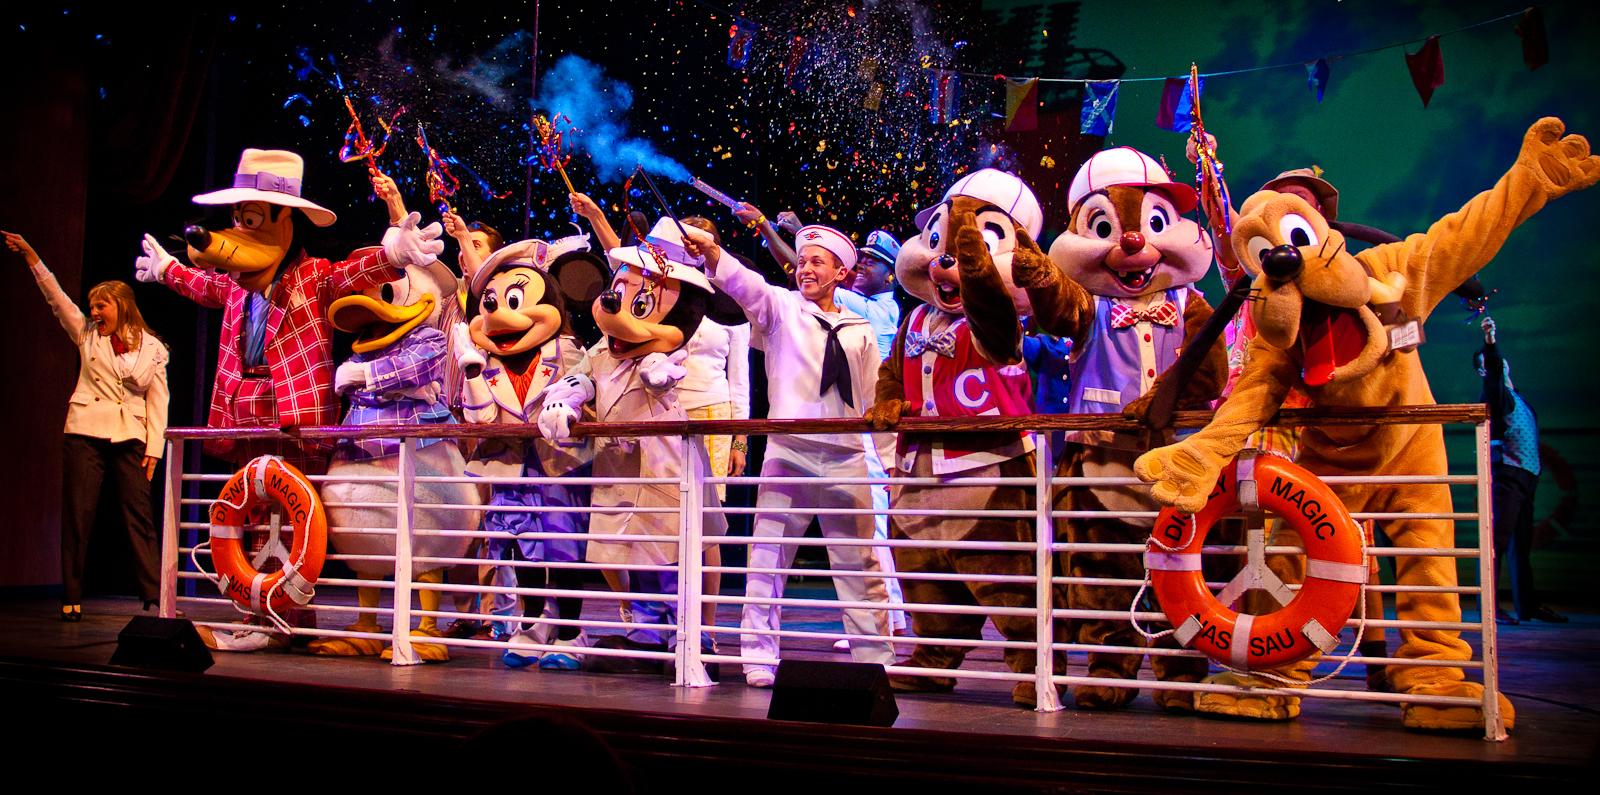 All Aboard! Aventures sur le Disney Magic en Méditerranée, Aout 2013 5343334052_ec4770ceca_o